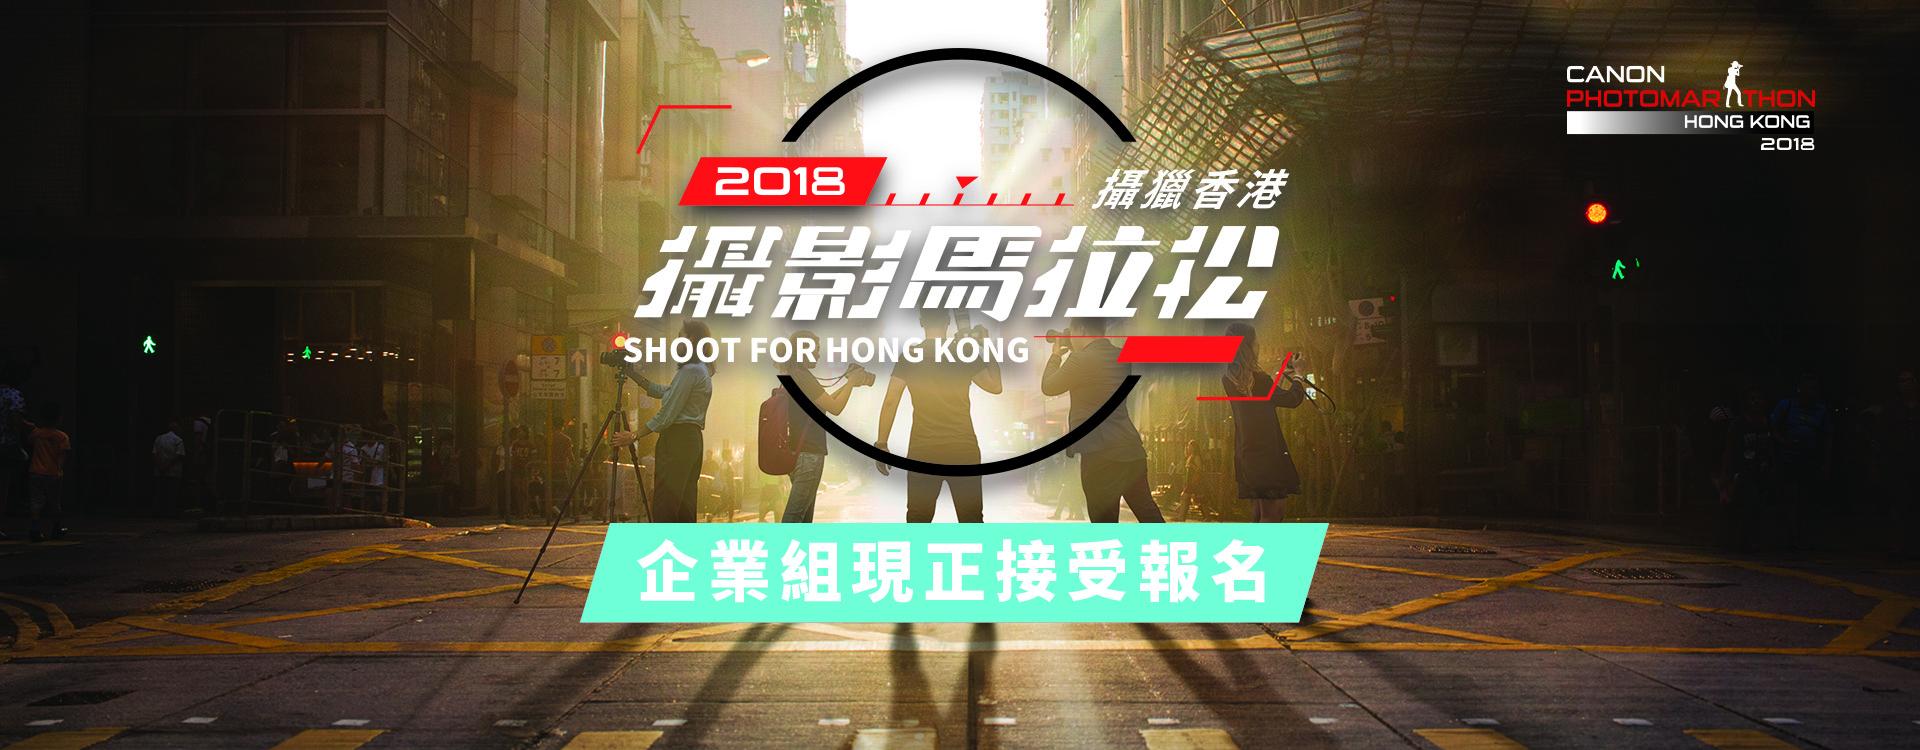 佳能- 首頁香港